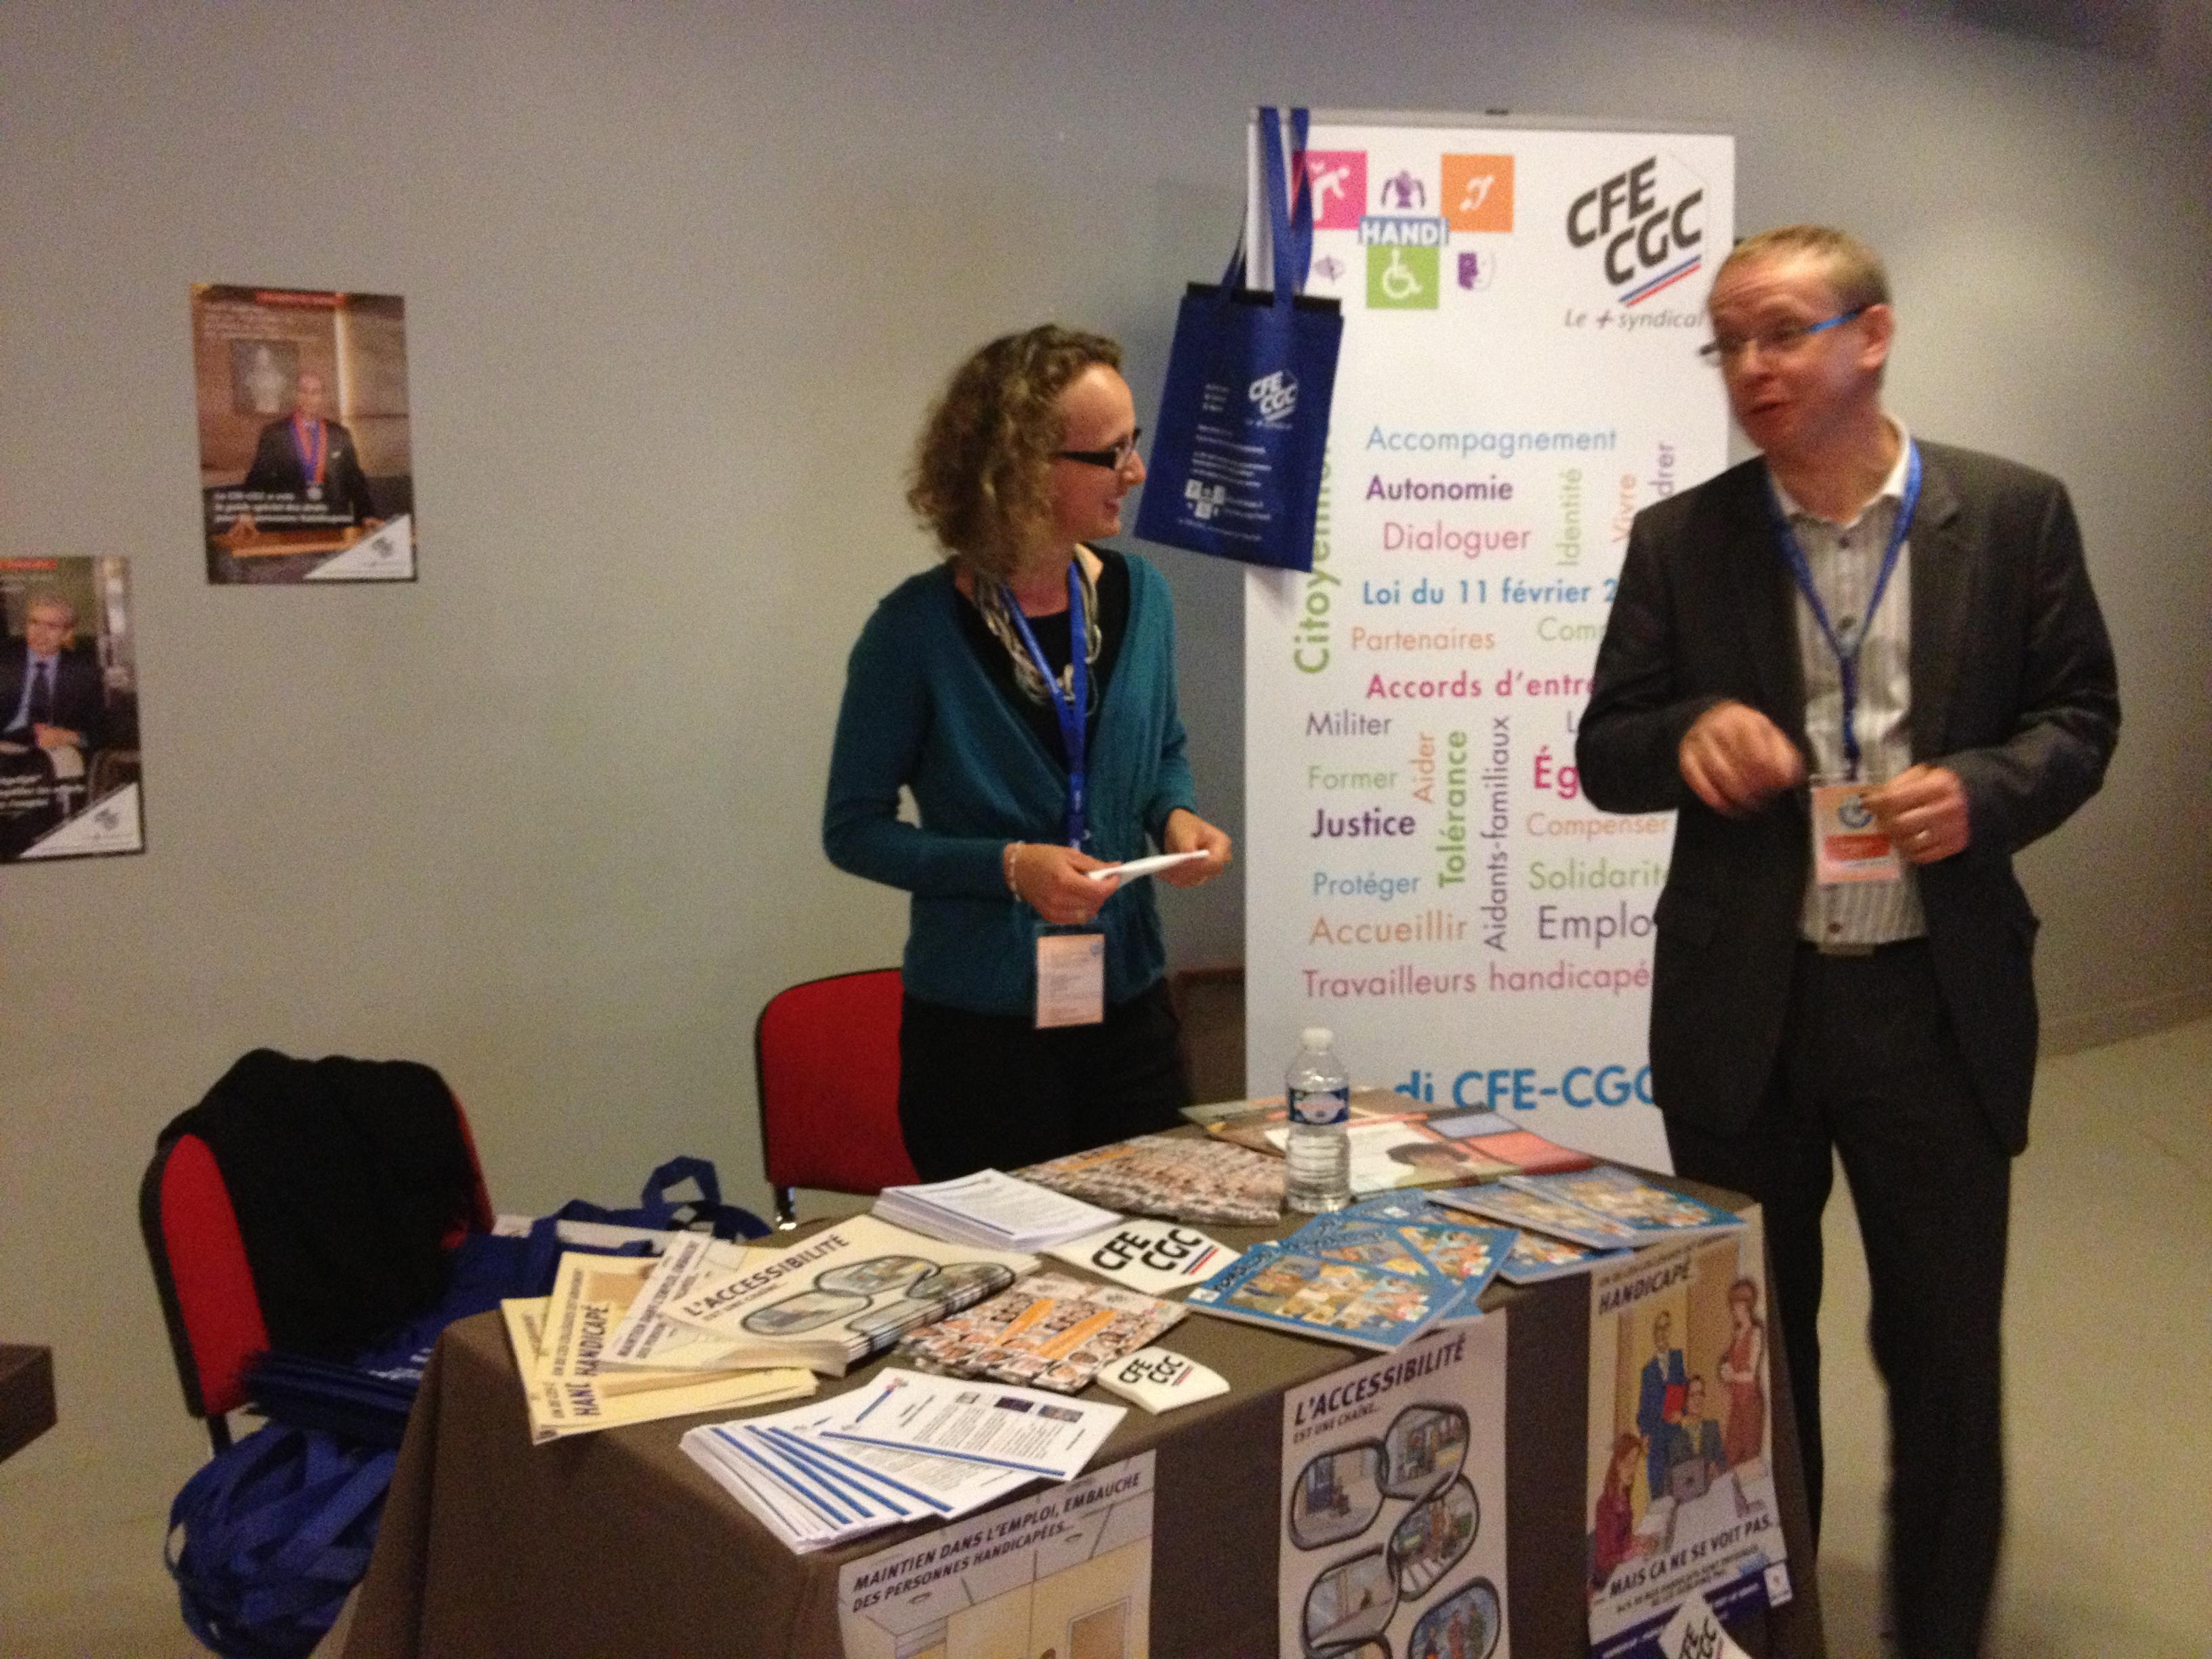 Marie-Laure en pleine conversation avec un congressiste au stand handicap CFE-CGC